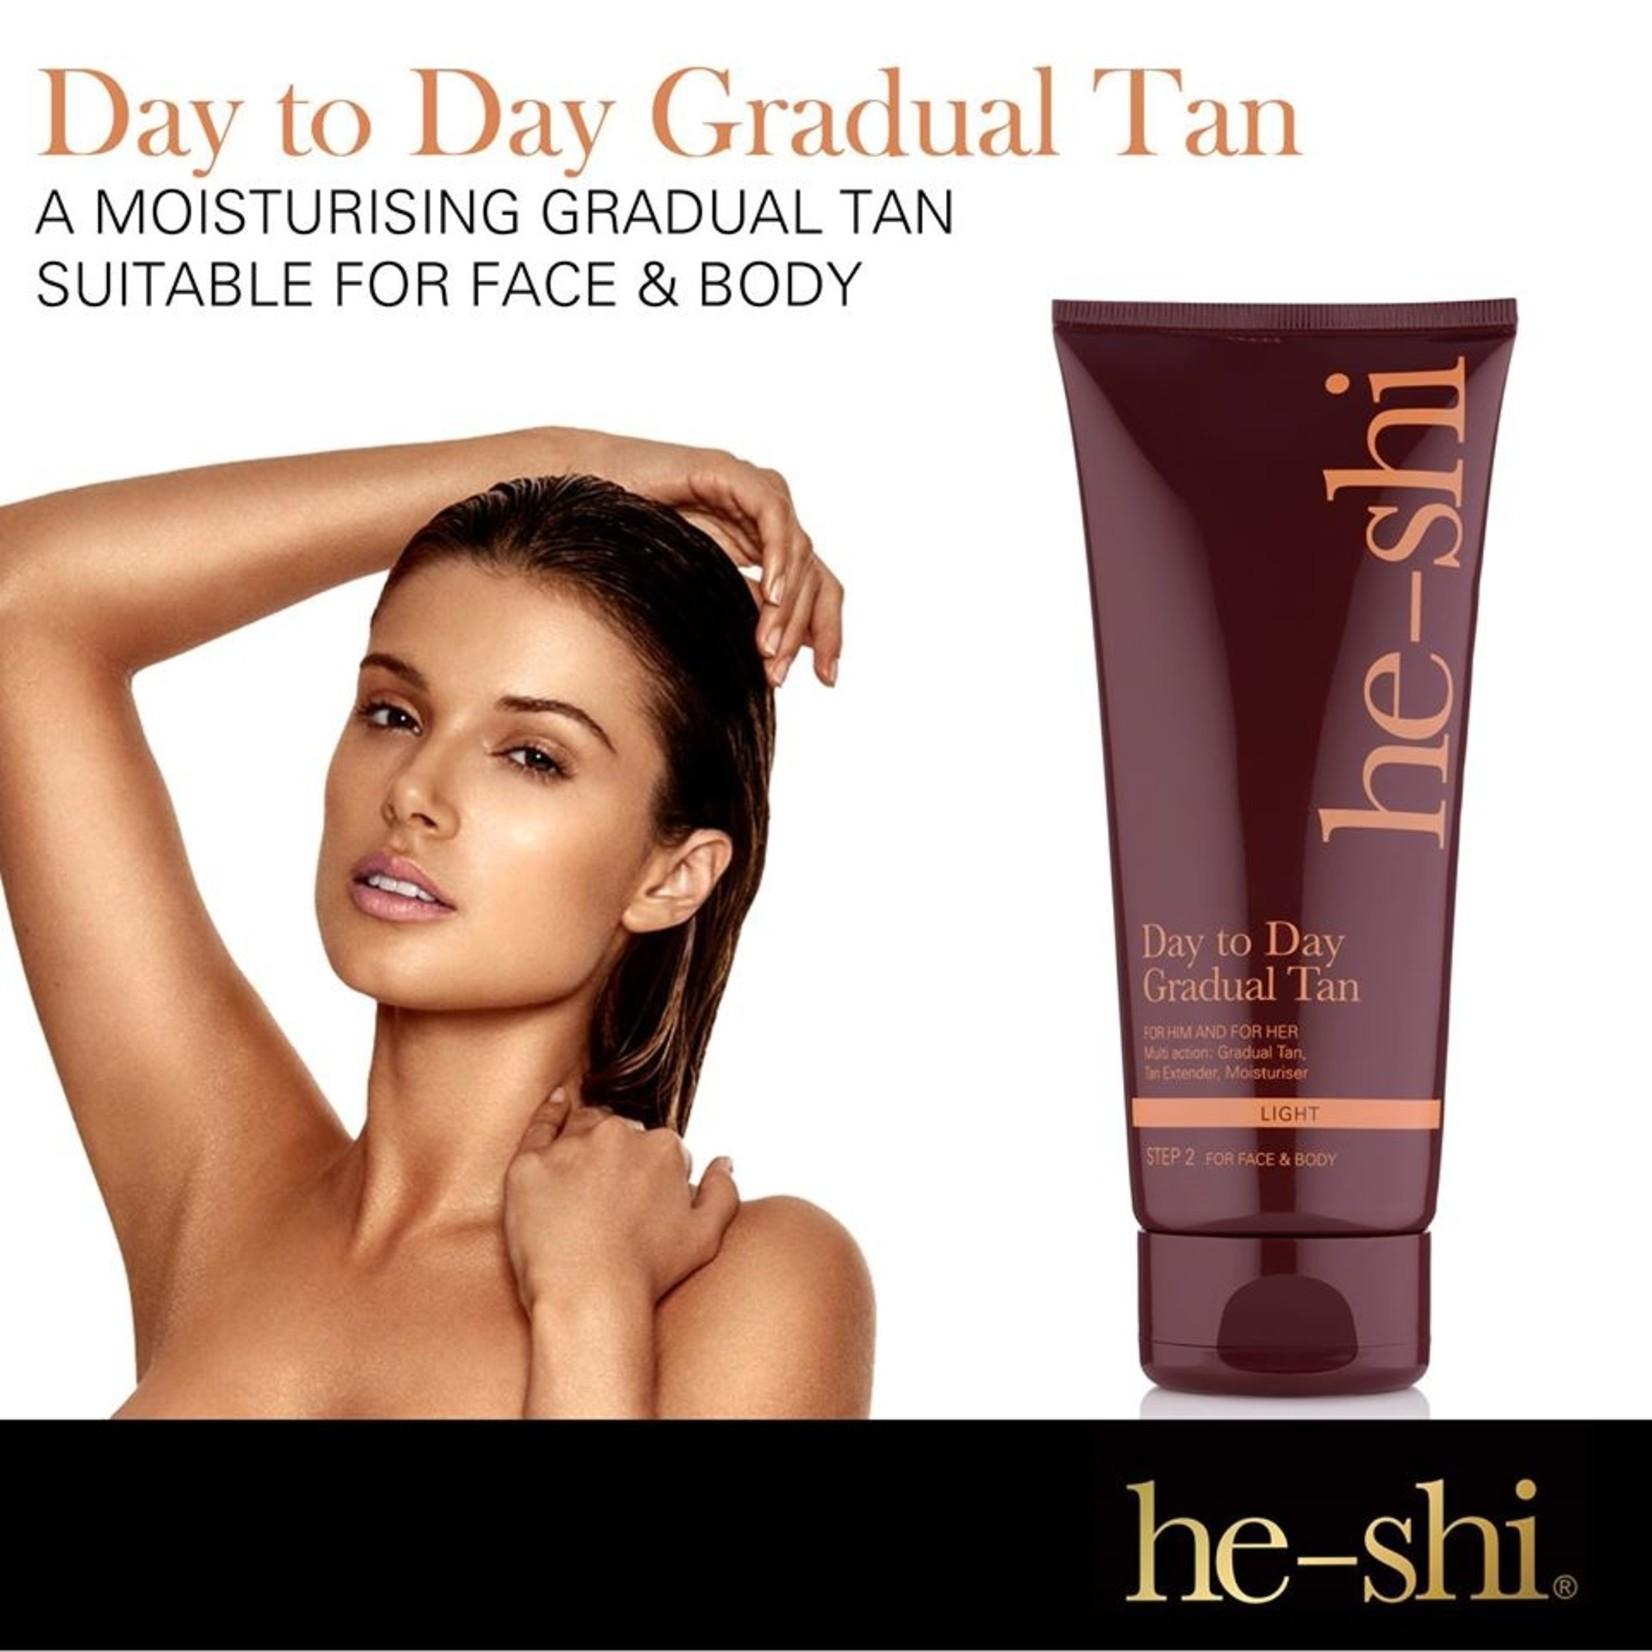 He-Shi Day to day gradual tan